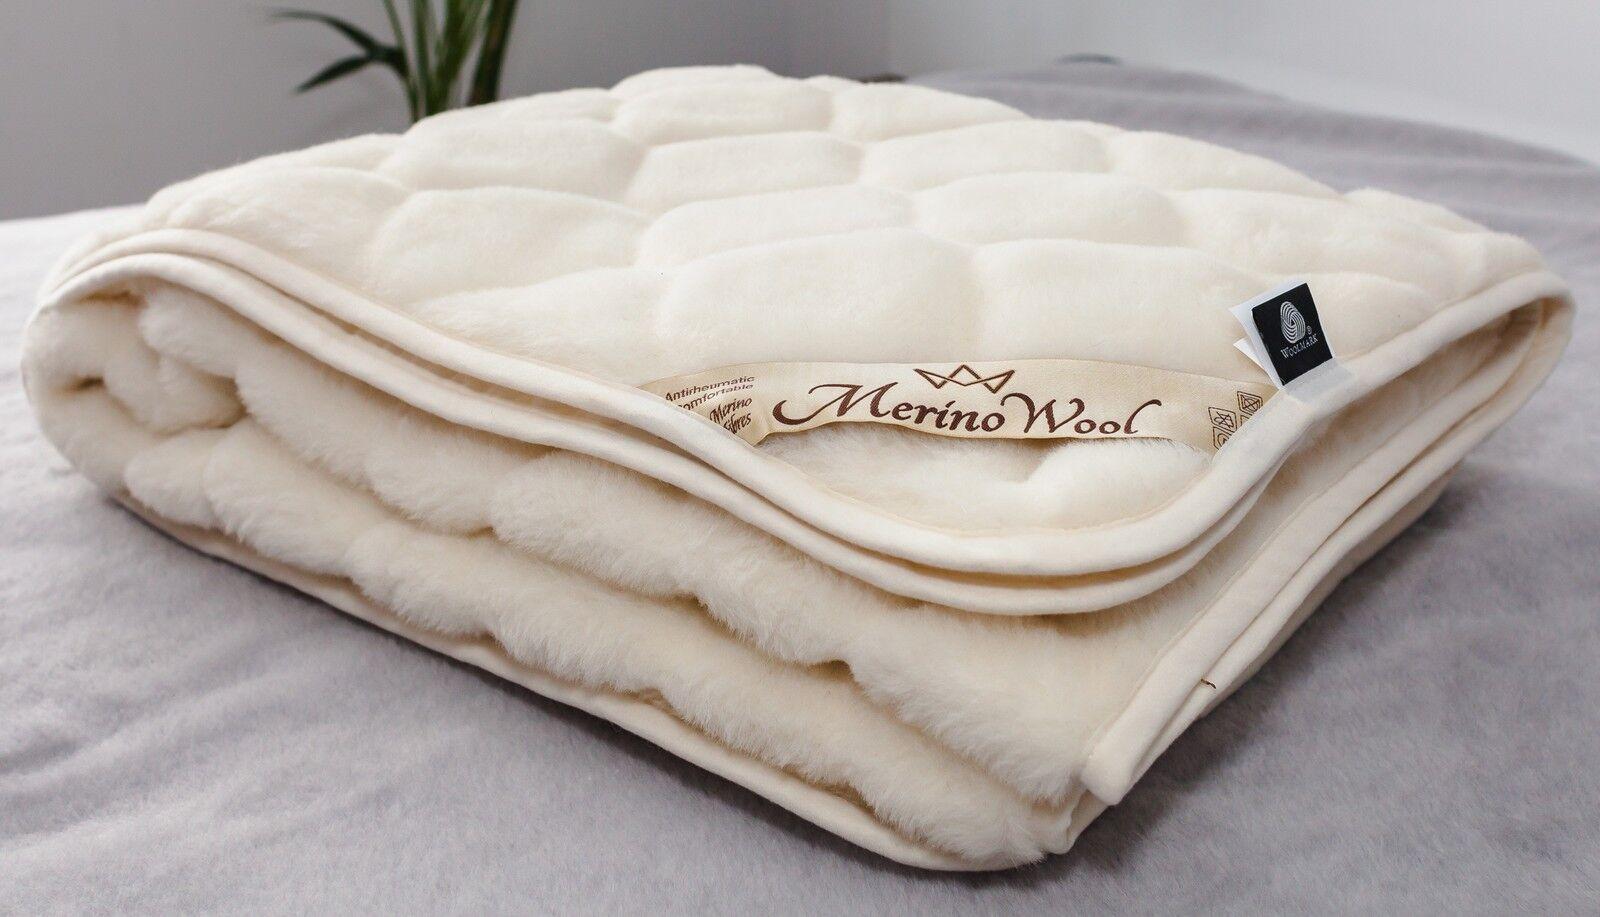 Merino Wool Matratzenauflage Kaschmir Caro Pad Schutz Bettwäsche